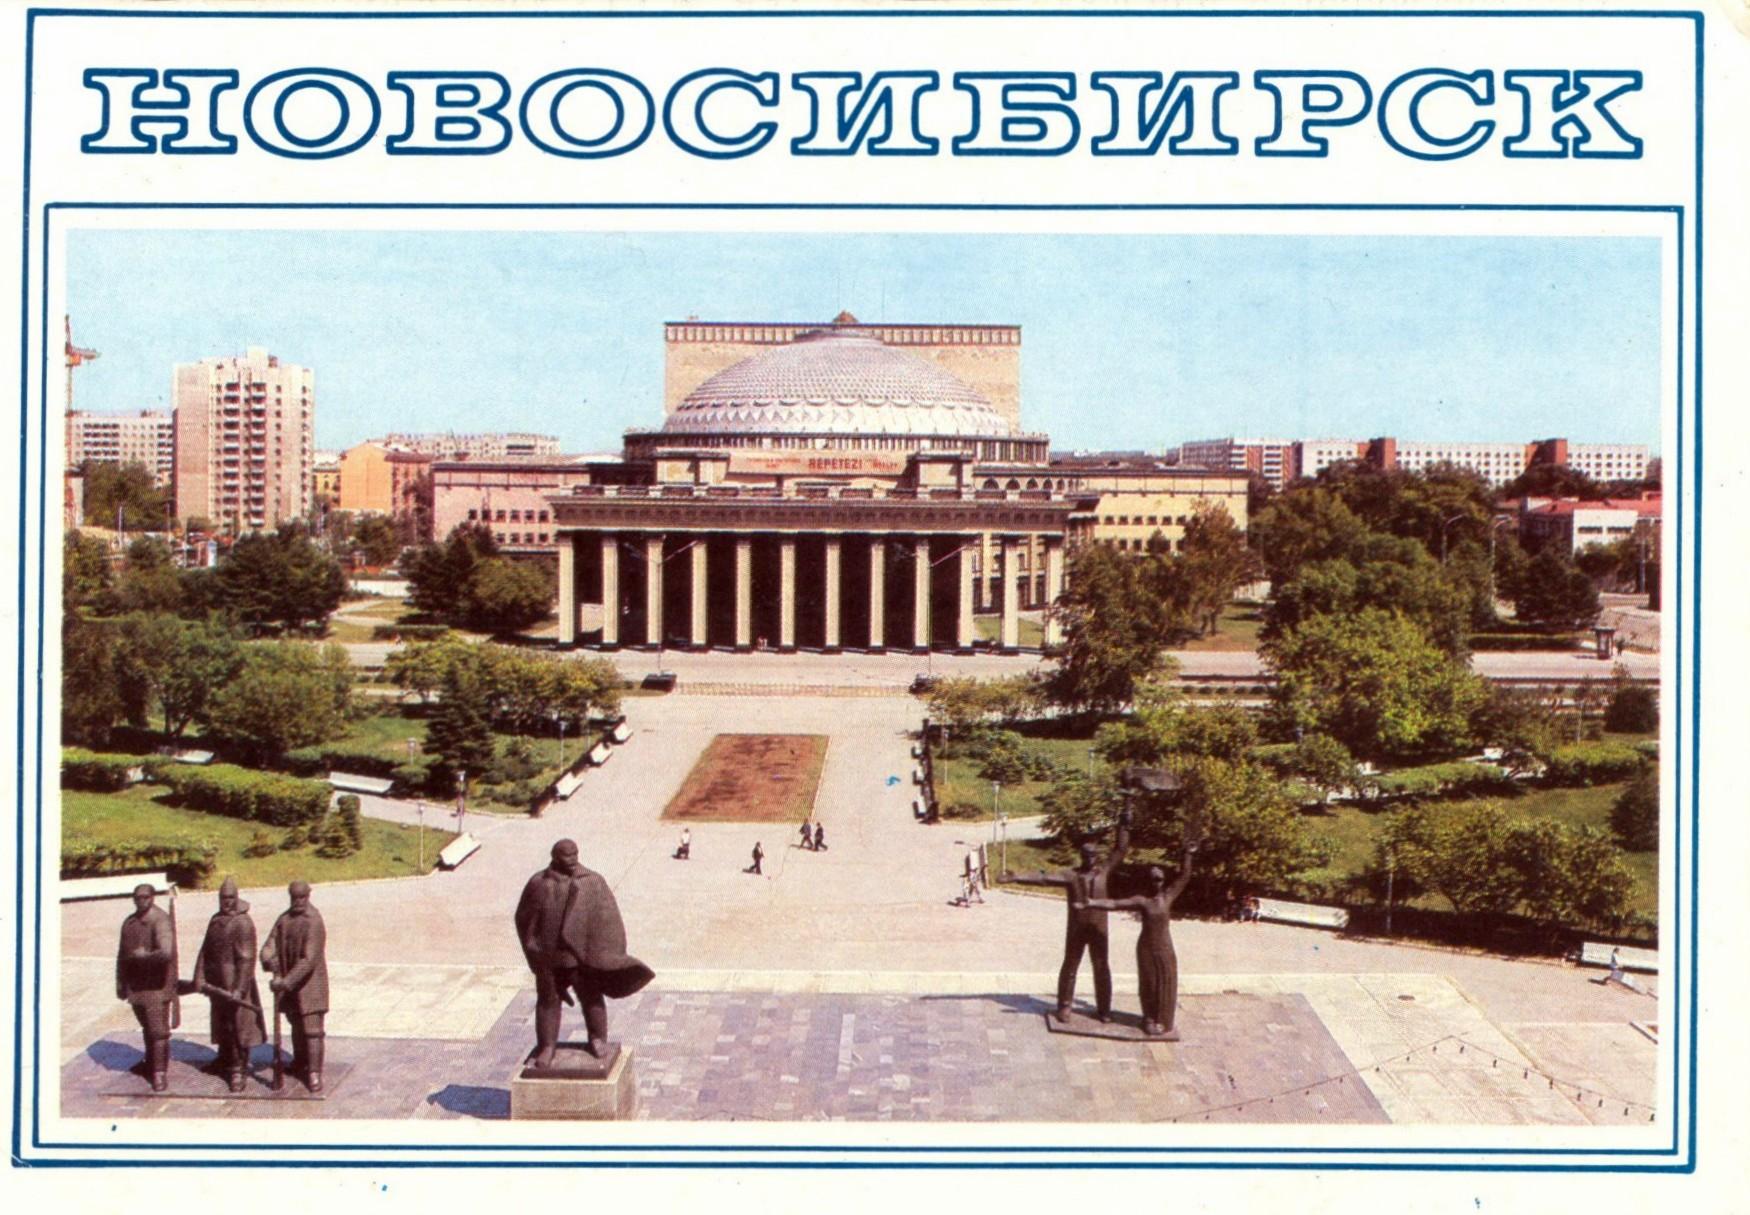 ZAVODFOTO / История городов России в фотографиях: Новосибирск в 1989 году